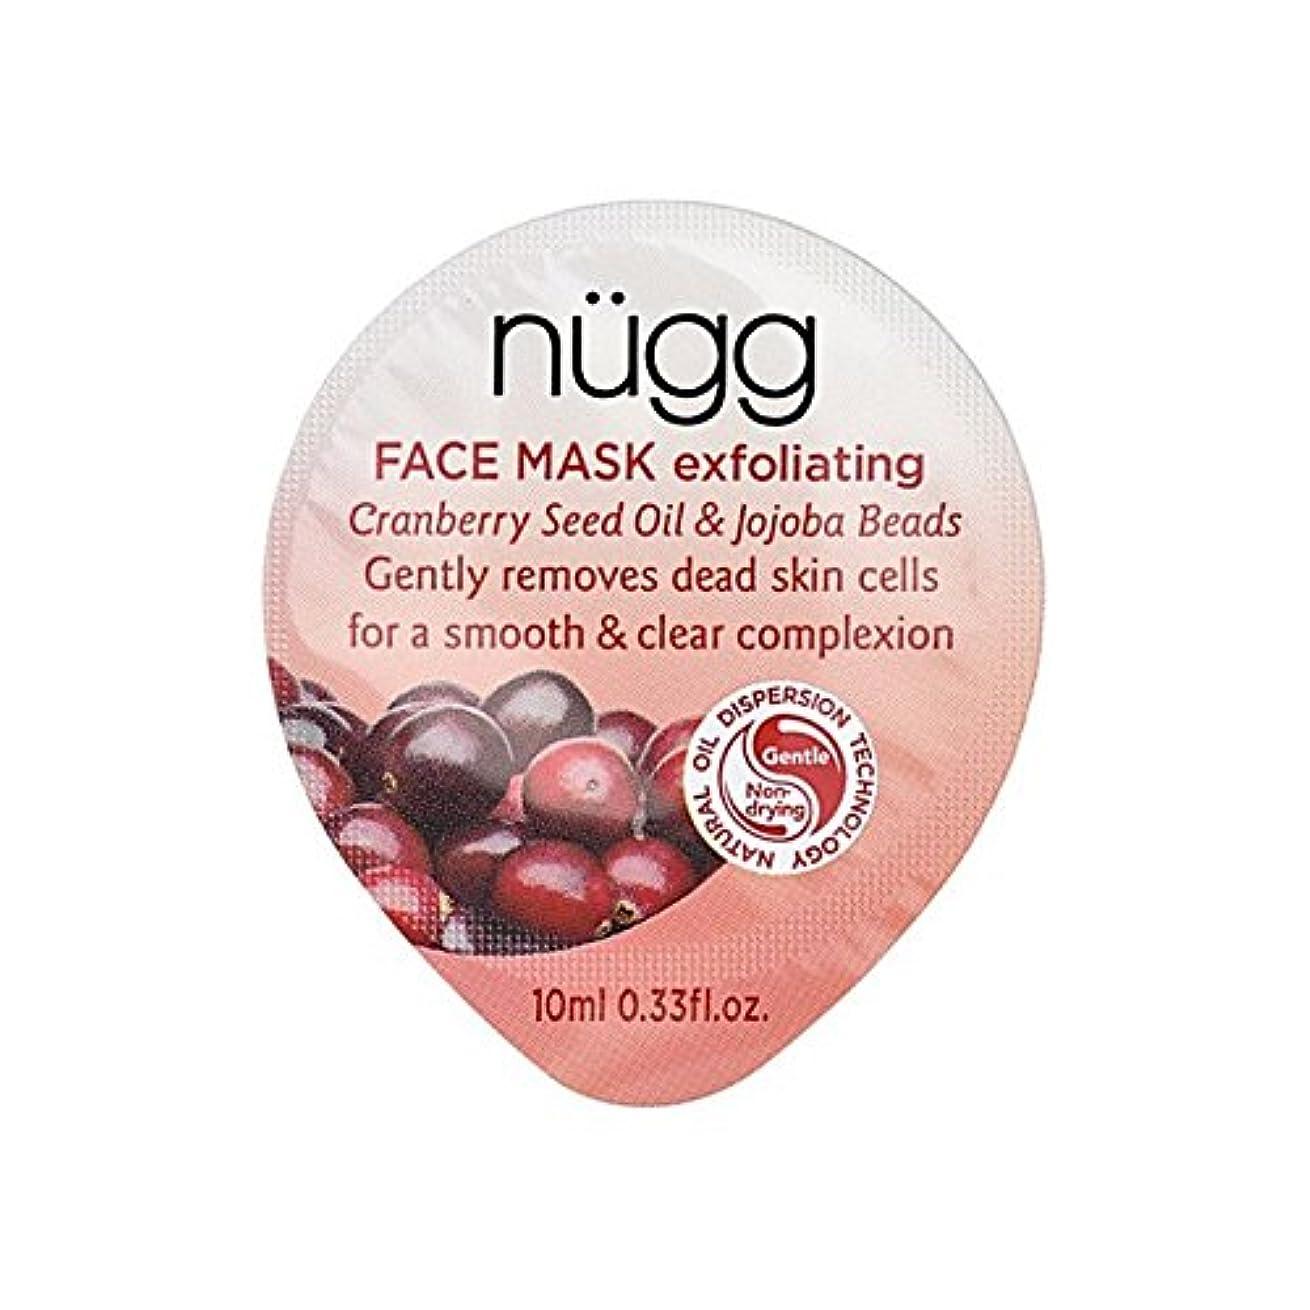 偶然の胆嚢スチュワードフェイスマスクを剥離 x2 - Nugg Exfoliating Face Mask (Pack of 2) [並行輸入品]